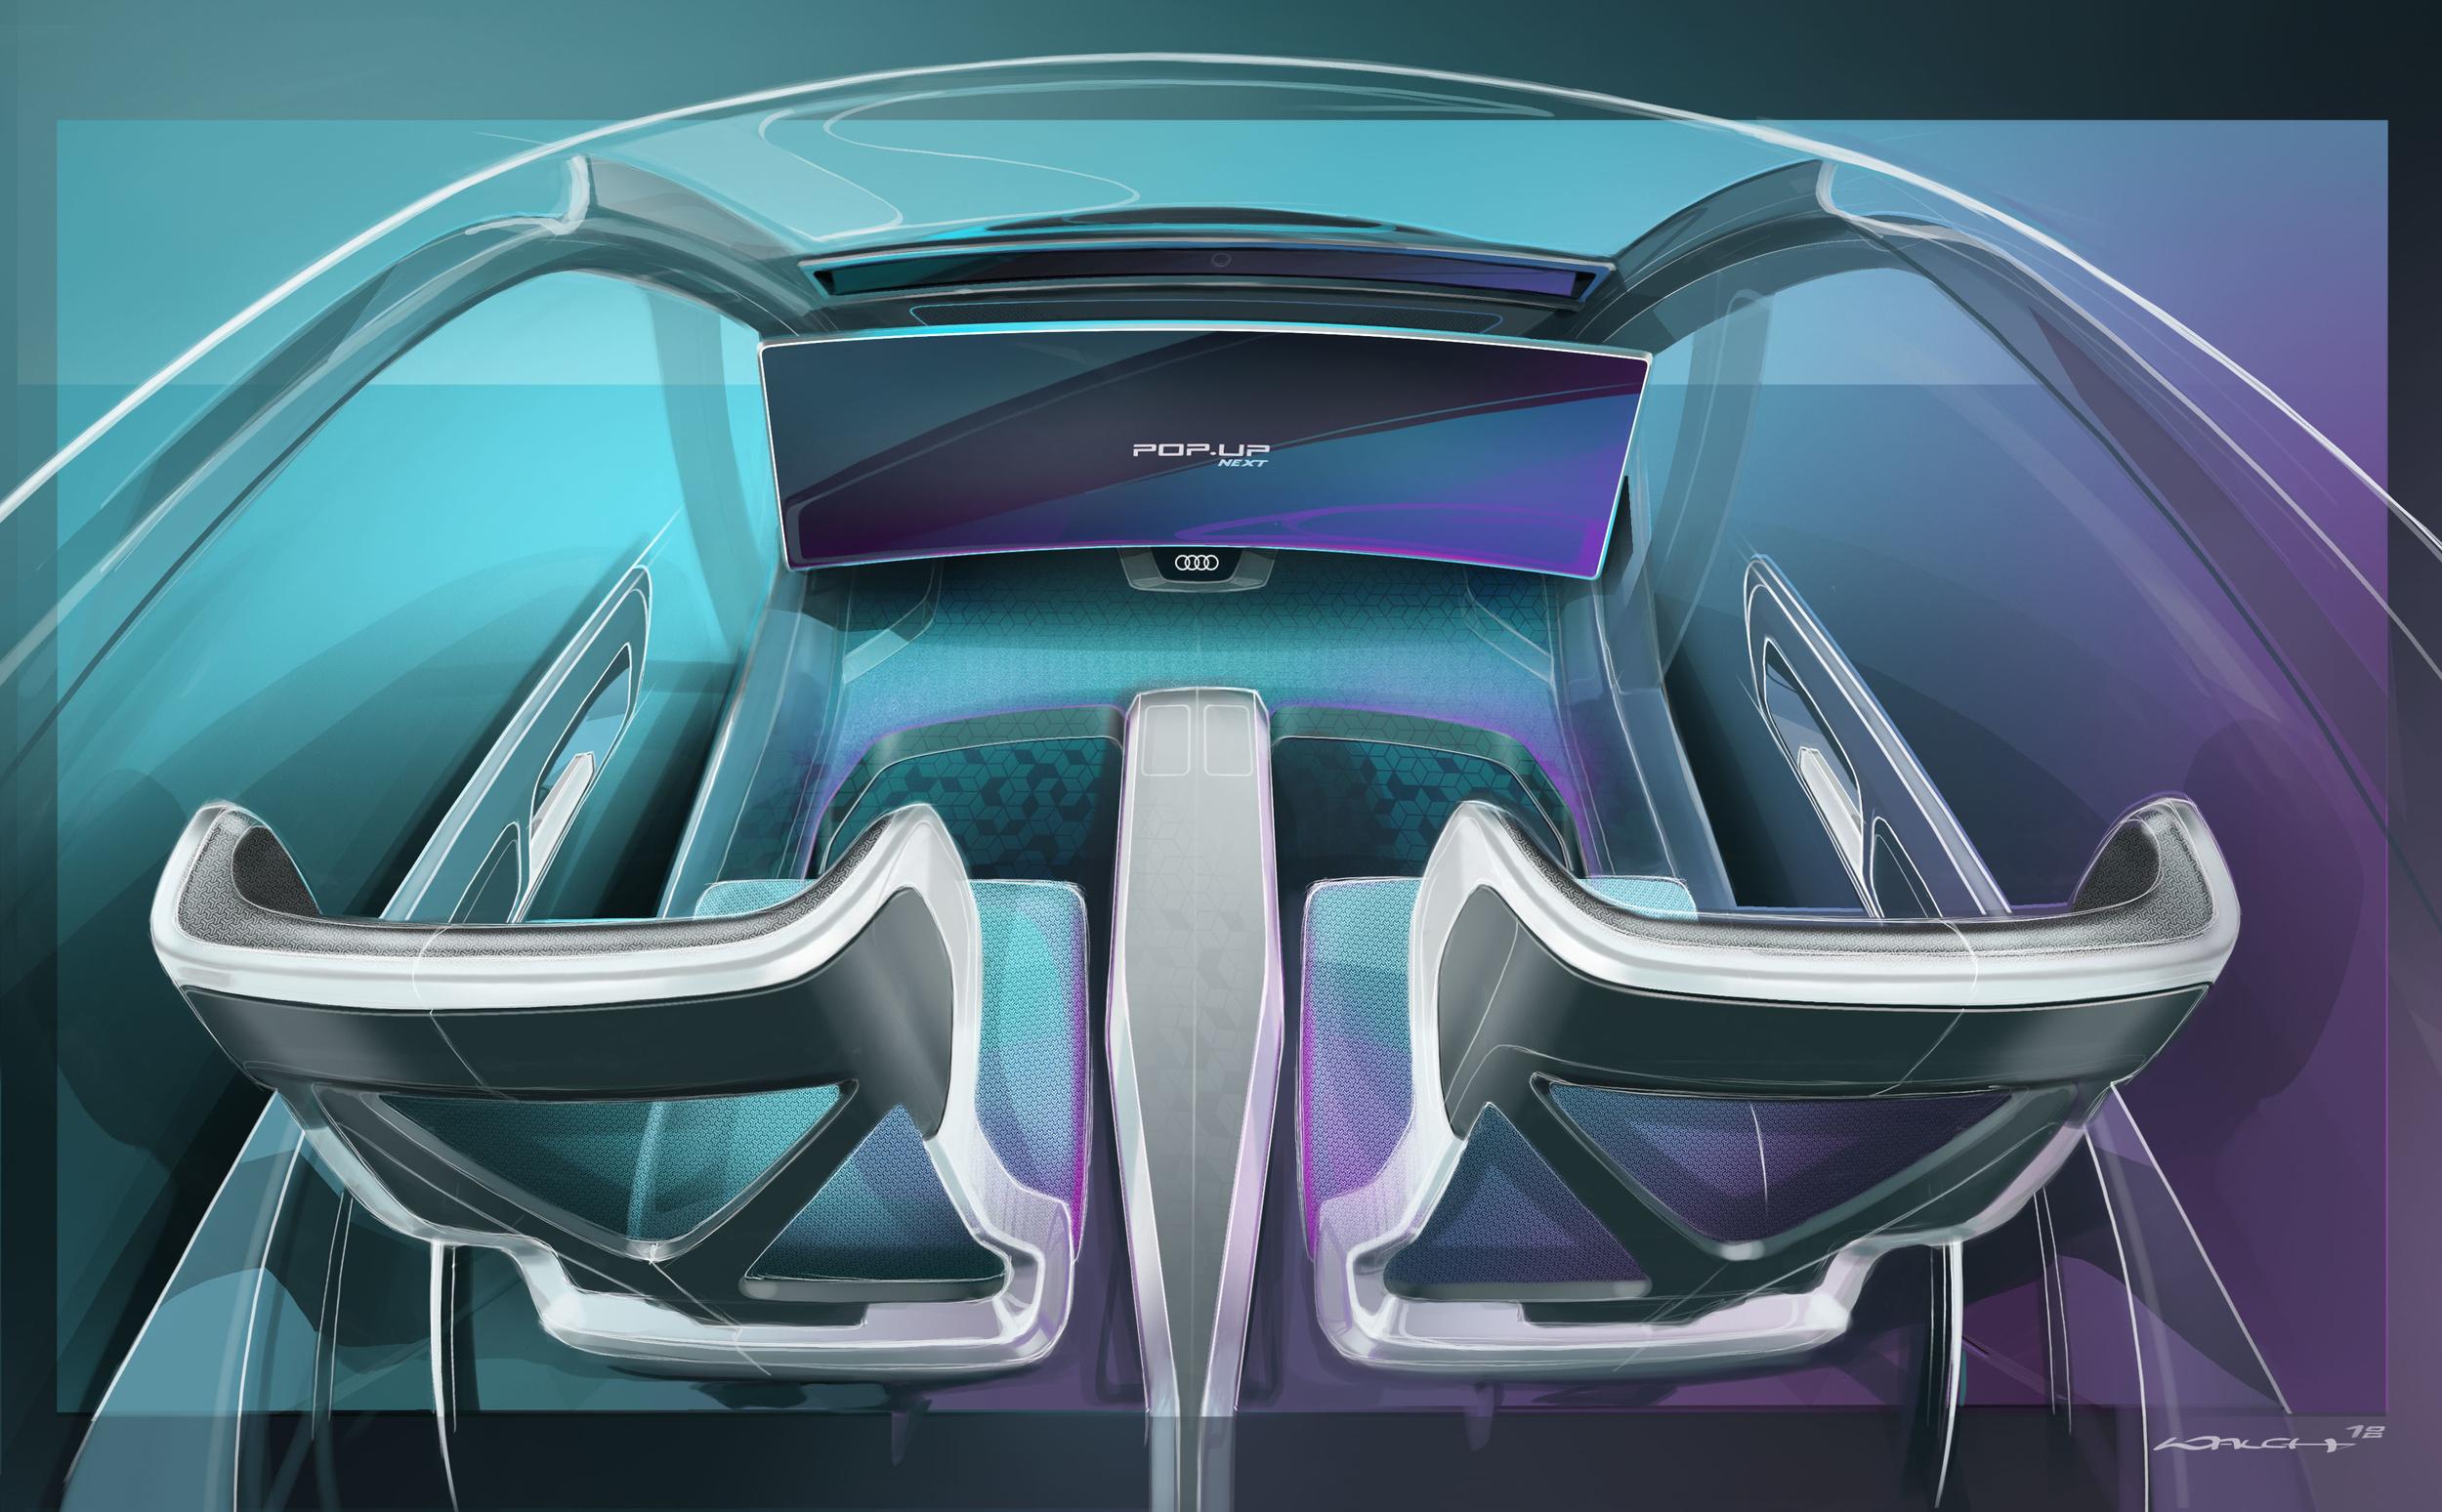 Audi Airbus ItalDesign Pop.Up Next concept (23)